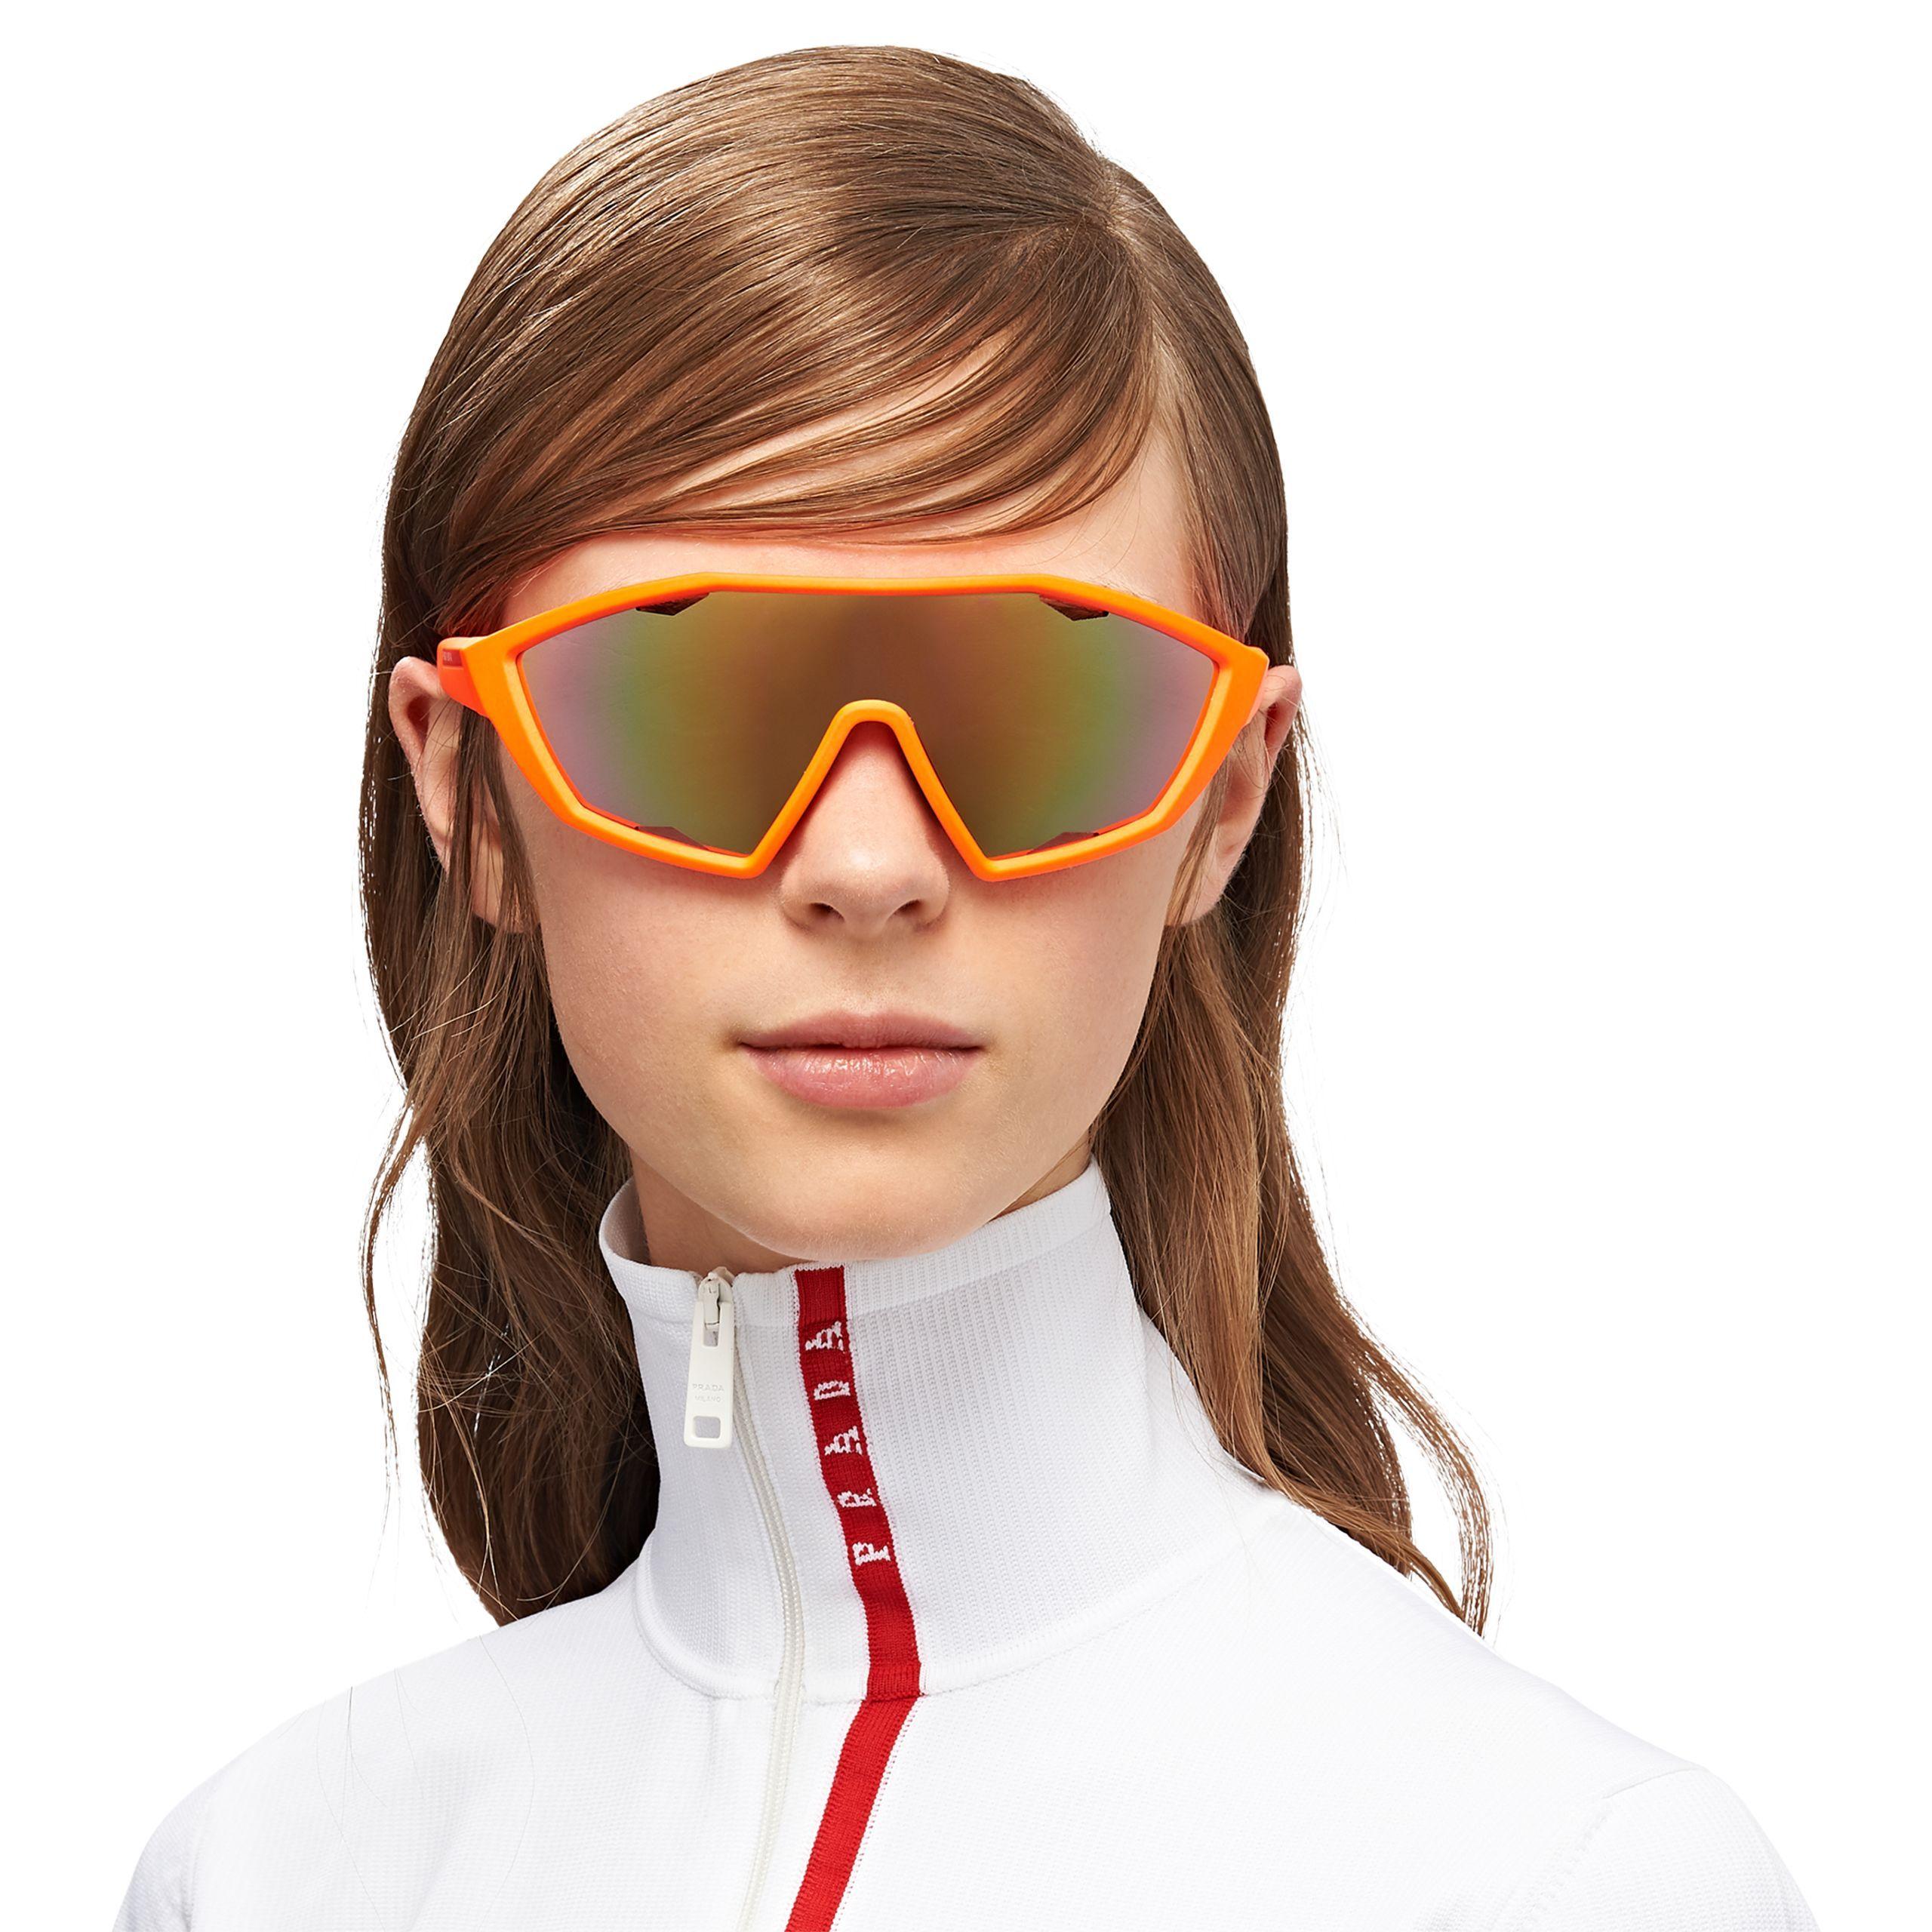 Prada Linea Rossa - Sunglasses